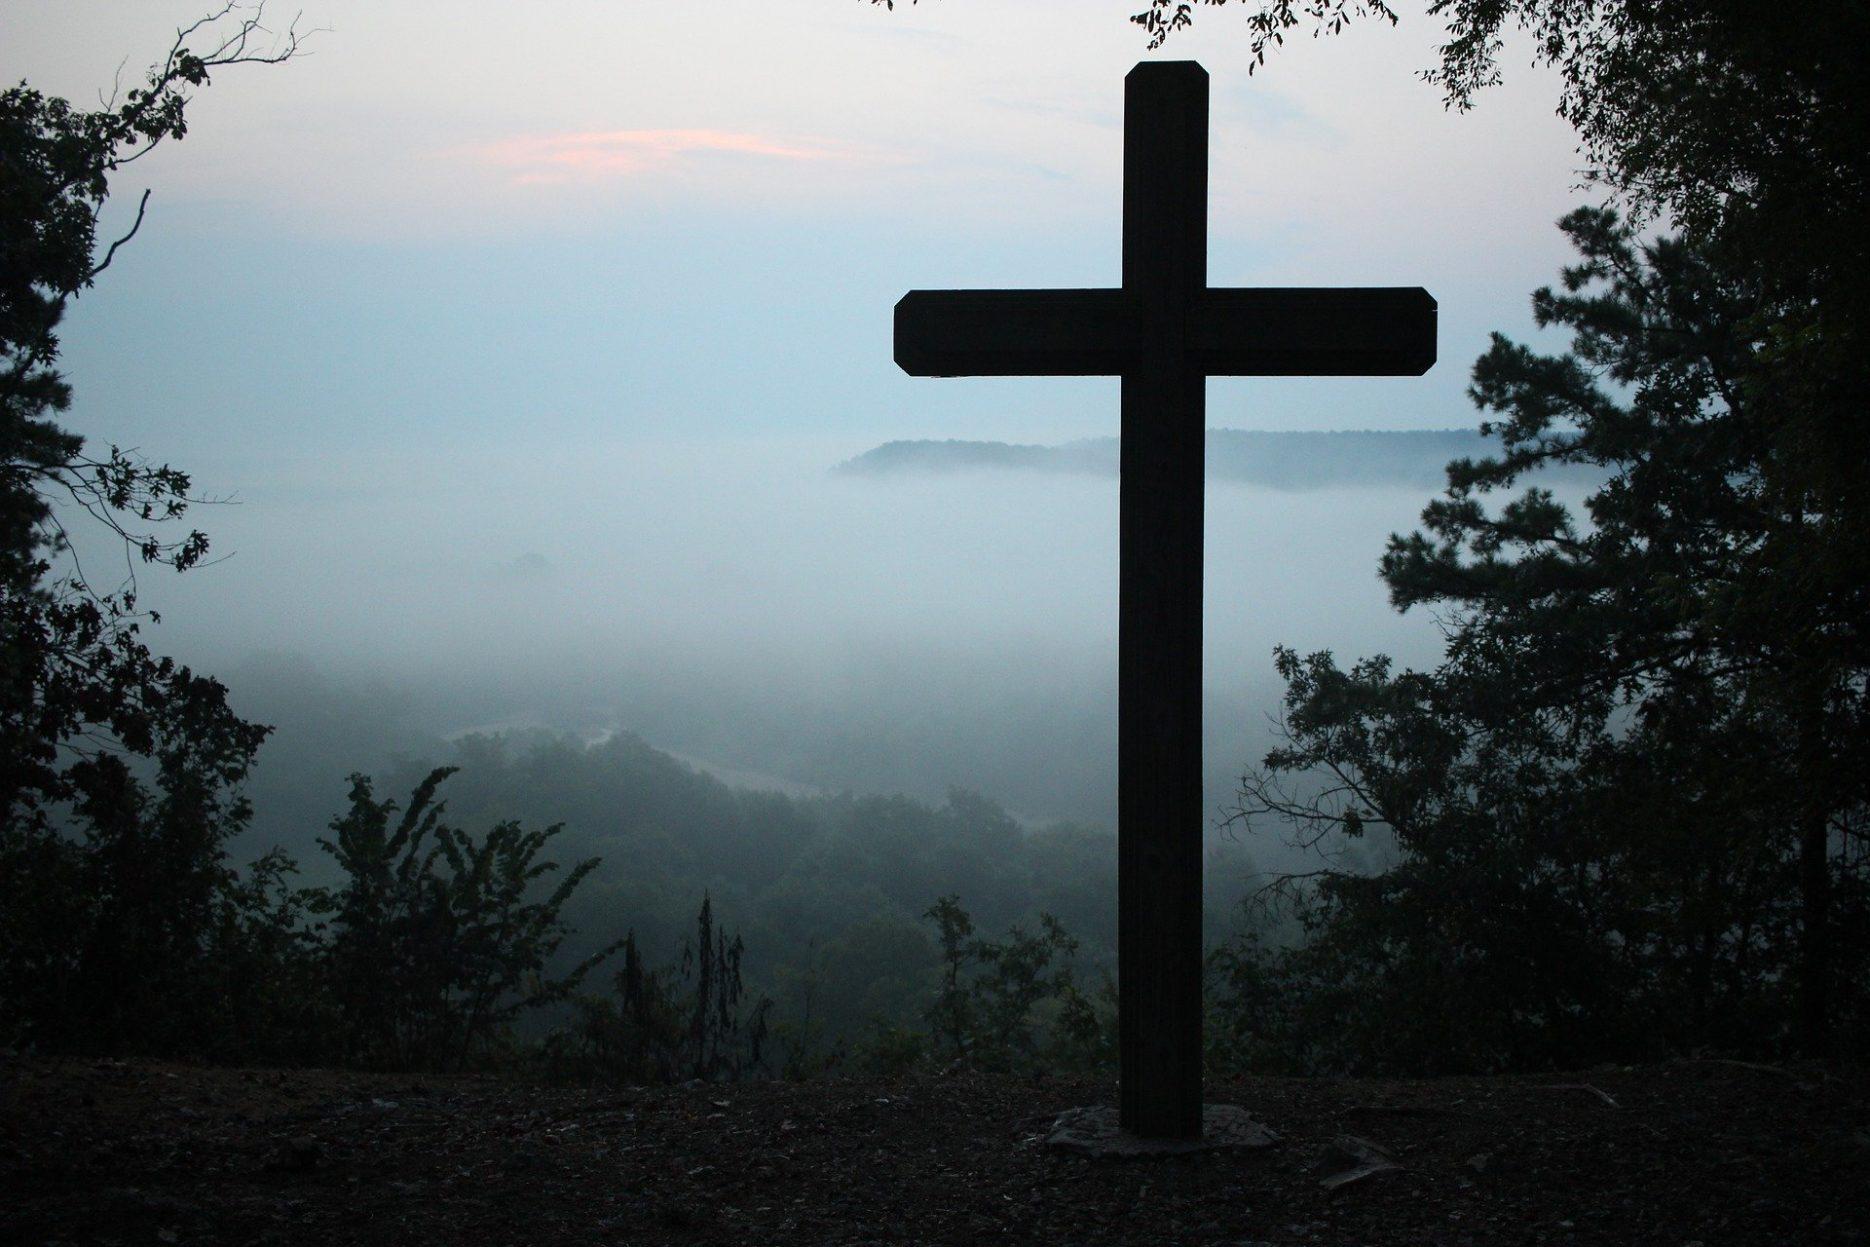 Das Bild zeigt ein großes Kreuz, das auf einem bewaldeten Berg aufgestellt ist. Im Hintergrund liegt das von Nebel bedeckte Tal.